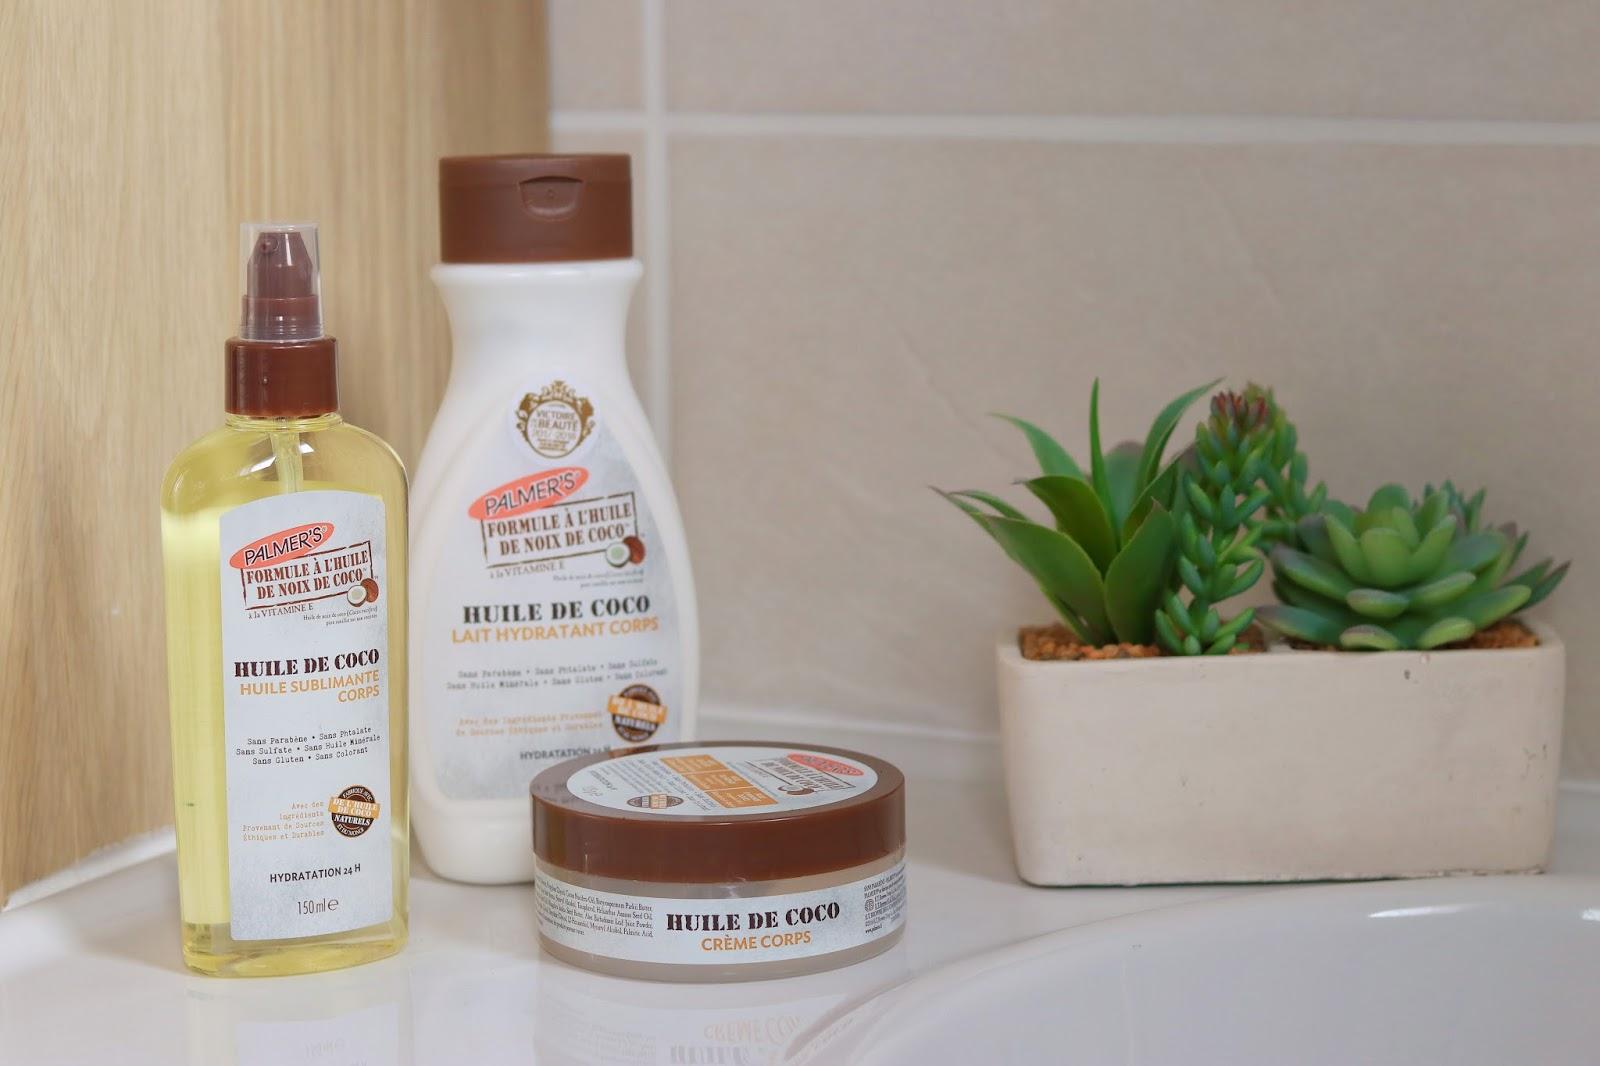 palmers palmer's huile de noix de coco gamme beaute sans parabene avis positif victoires de la beauté les gommettes de melo shampooing lait